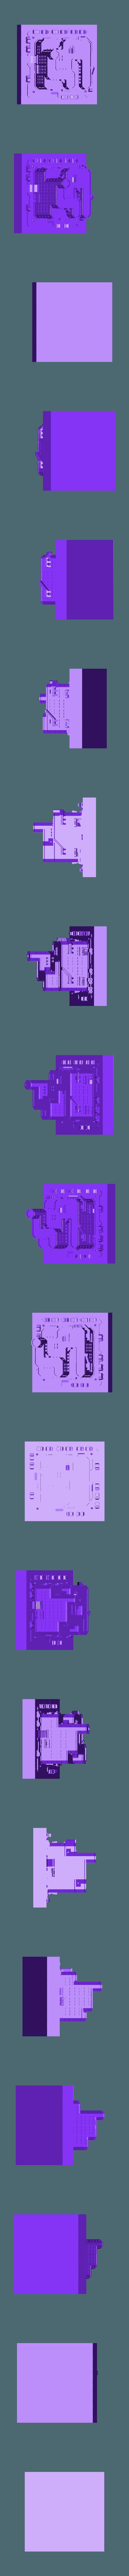 medium2.stl Télécharger fichier STL gratuit Bâtiments de procédure • Design pour impression 3D, ferjerez3d